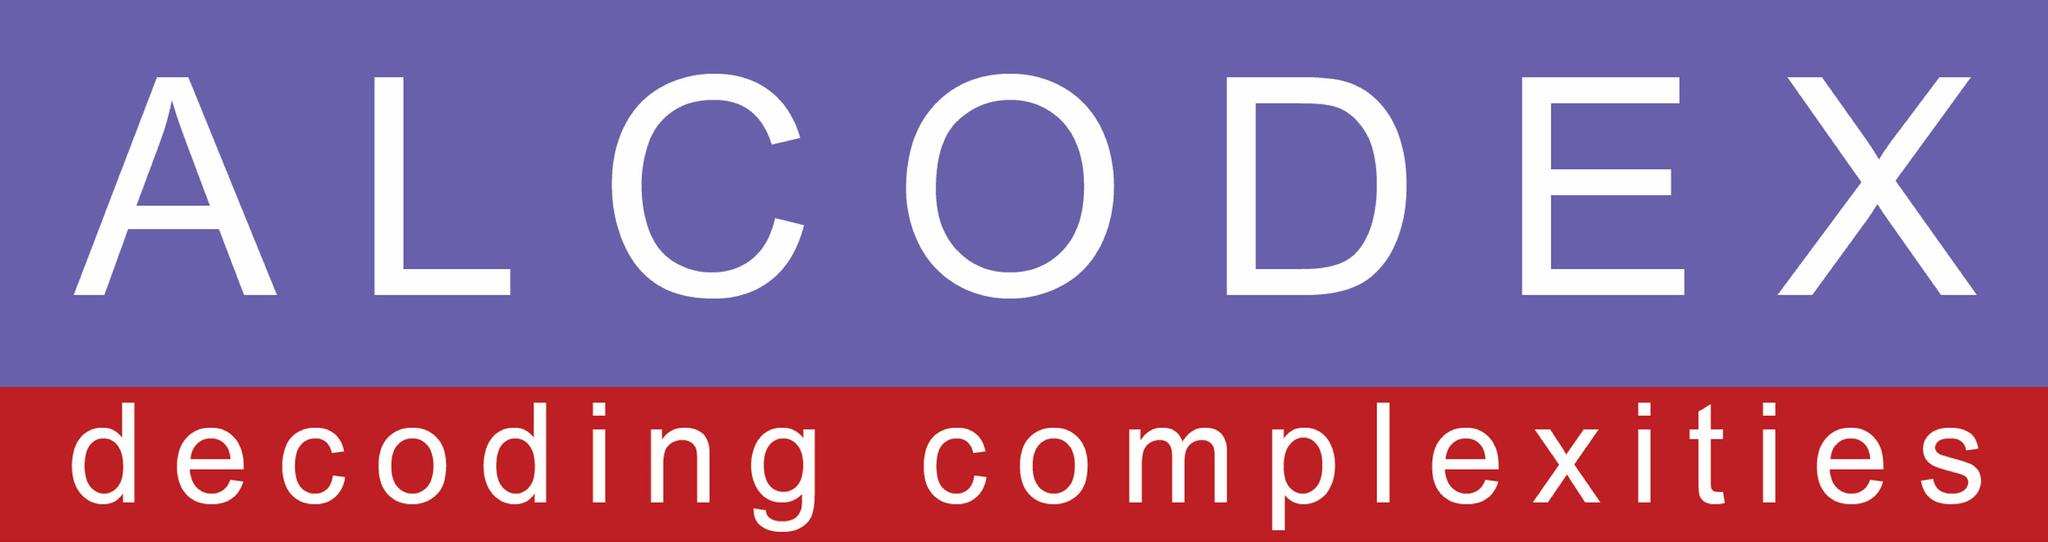 Alcodex Technologies Pvt. Ltd.